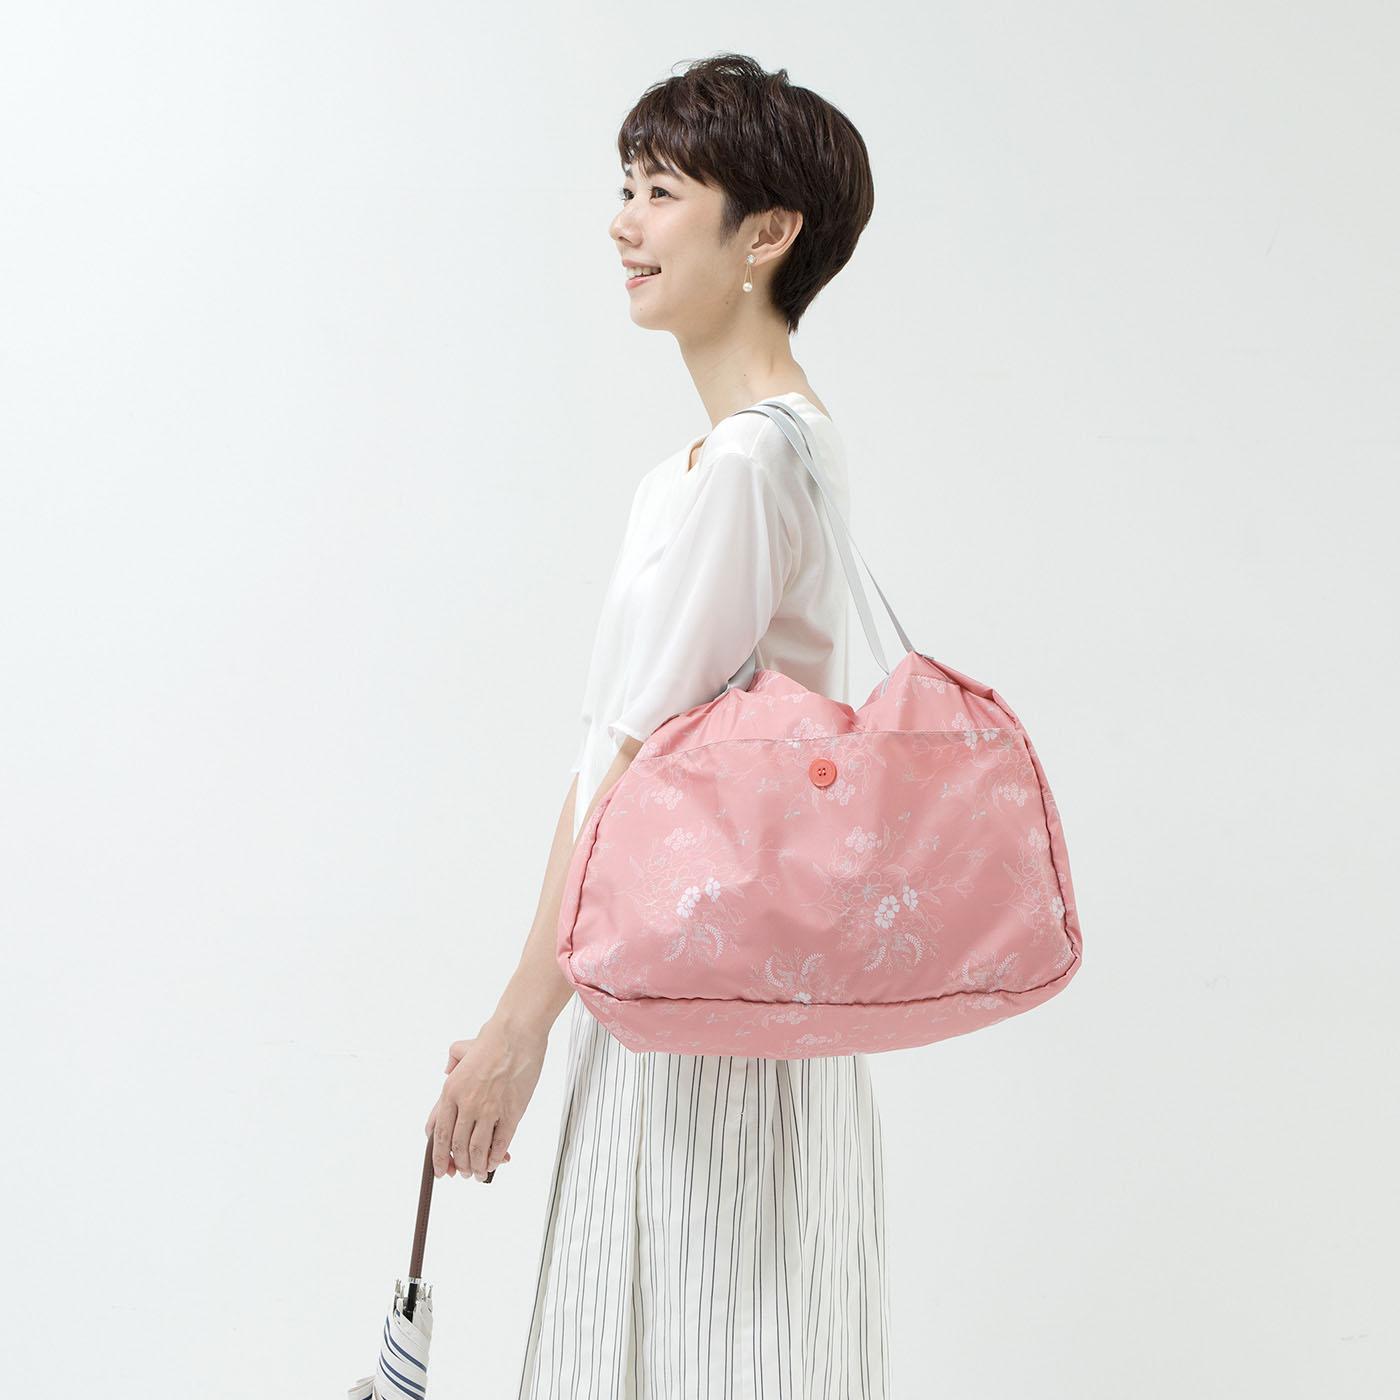 バッグをまるごと入れてカバーしたり、そのまま予備のバッグとして使ったり。雨模様の日や旅行先で重宝する大きめの雨よけバッグです。